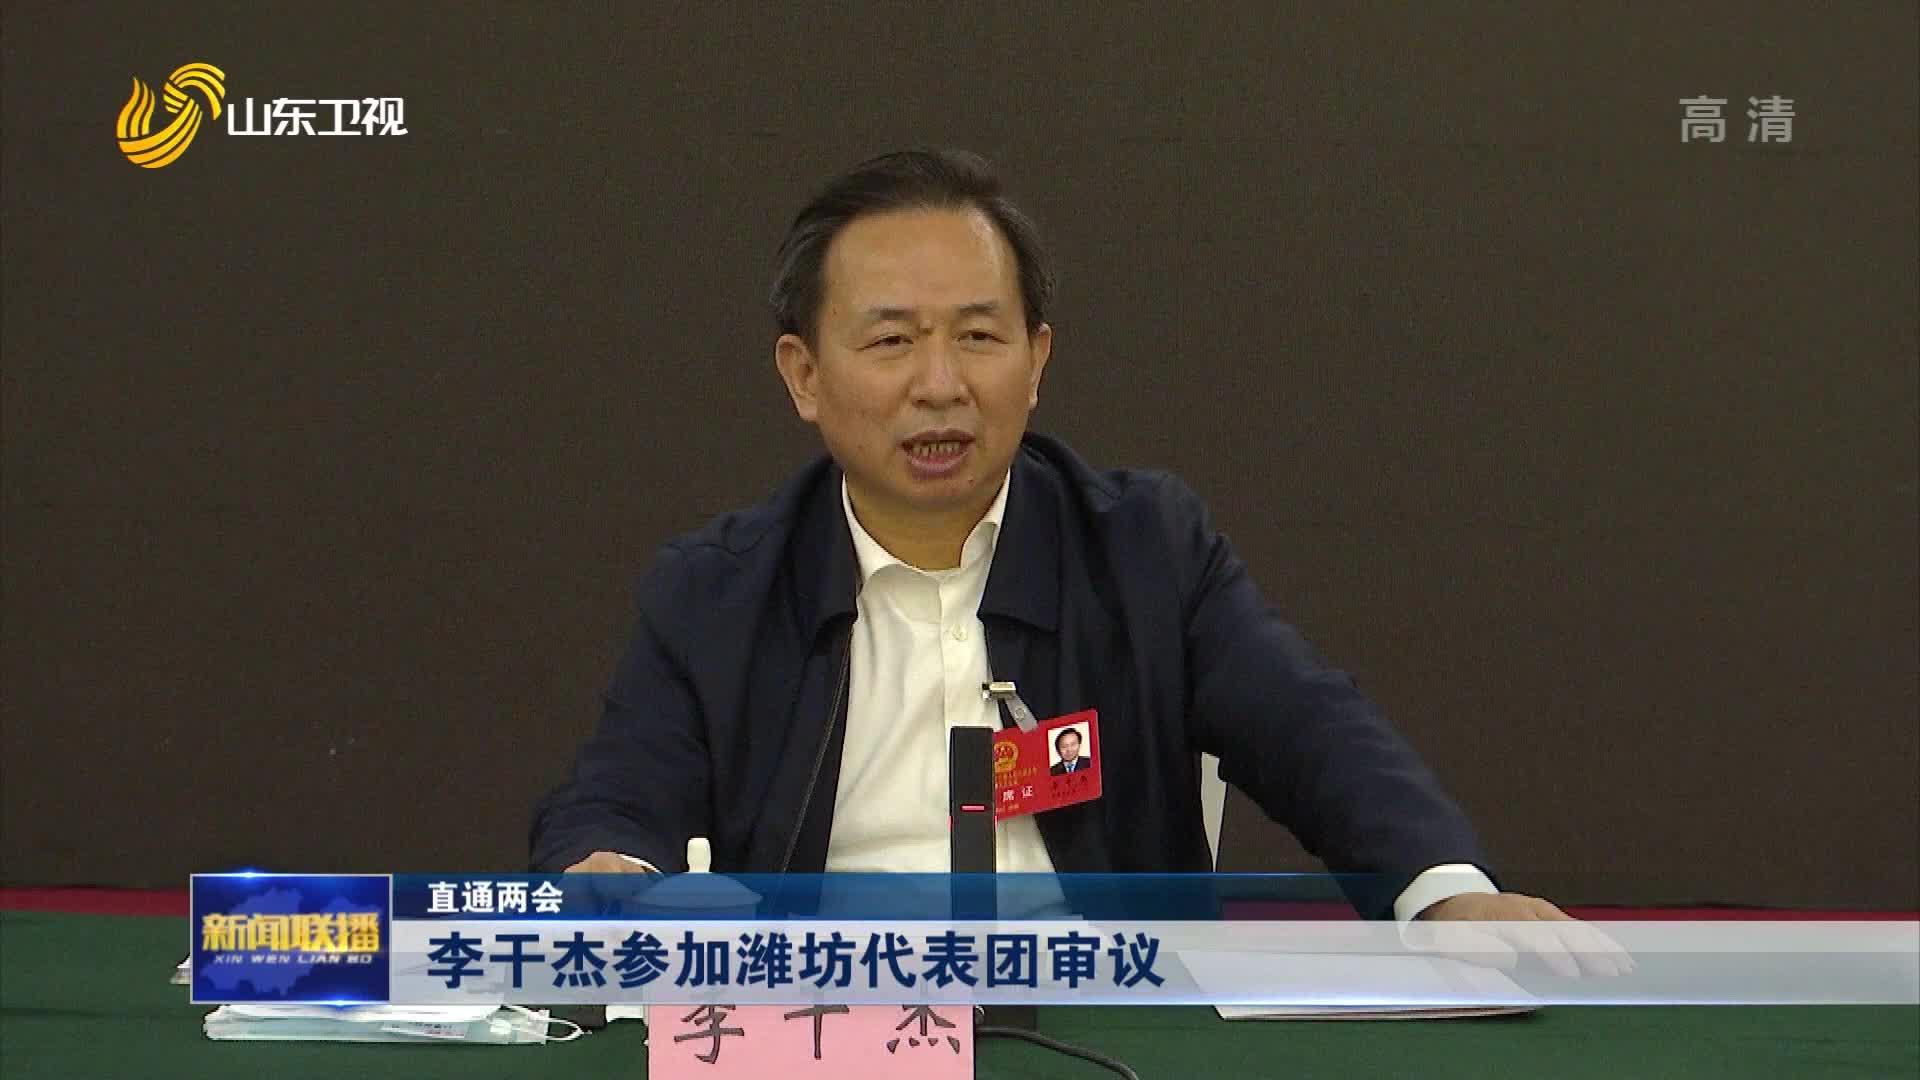 【直通两会】李干杰参加潍坊代表团审议